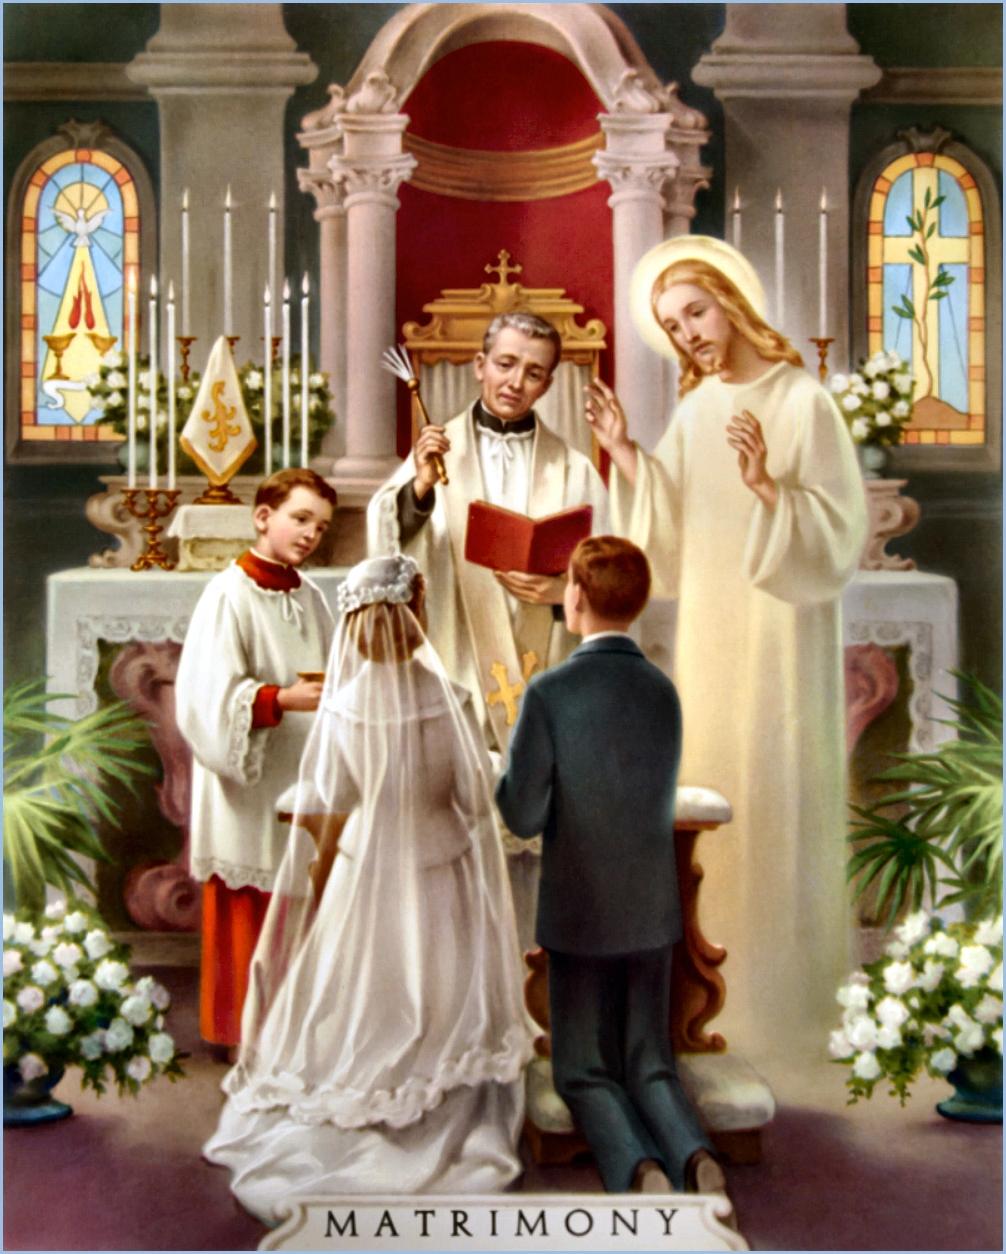 Matrimonio Catolico Y Protestante : Miles christi el matrimonio instituciÓn establecida por dios